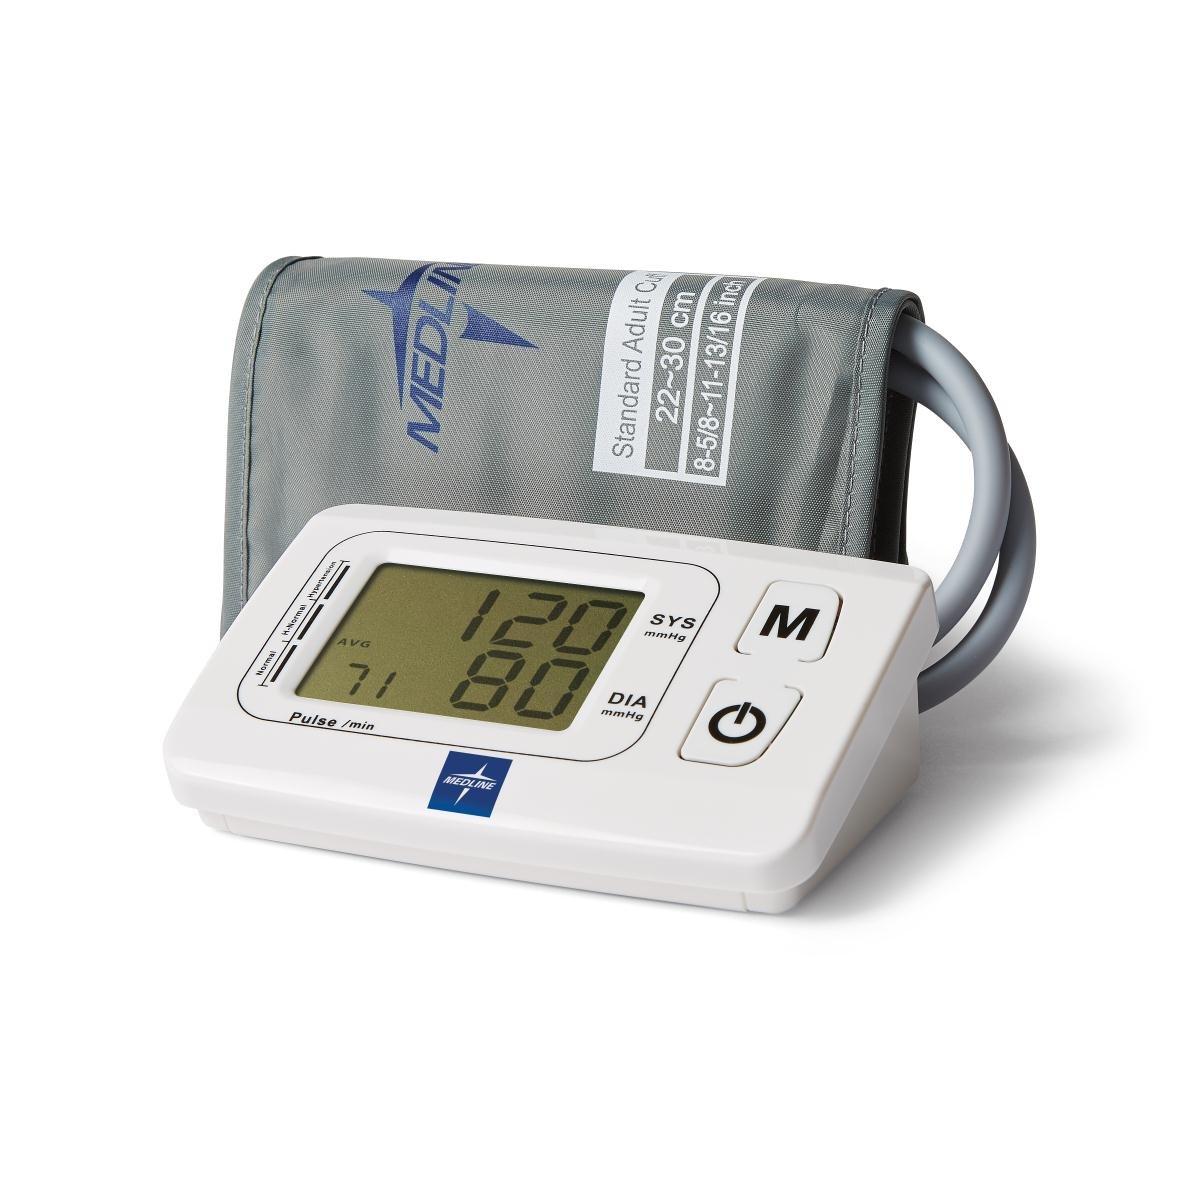 Amazon.com: Medline mds1001 Tensiómetro digital automático ...